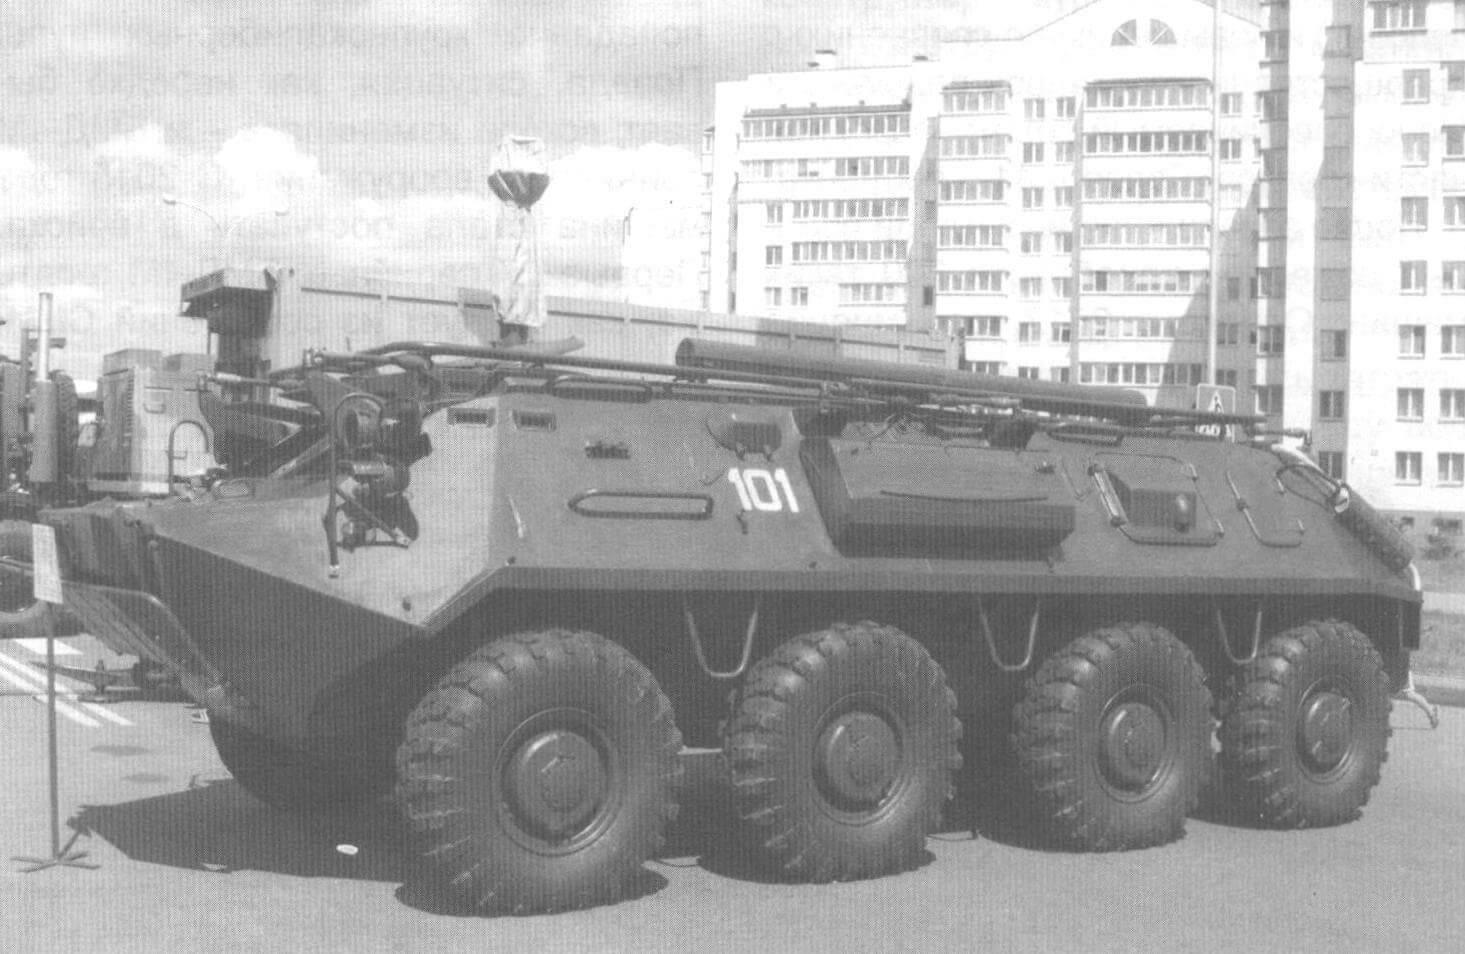 Командно-штабная машина на базе БТР-60ПА Вооруженных сил республики Беларусь